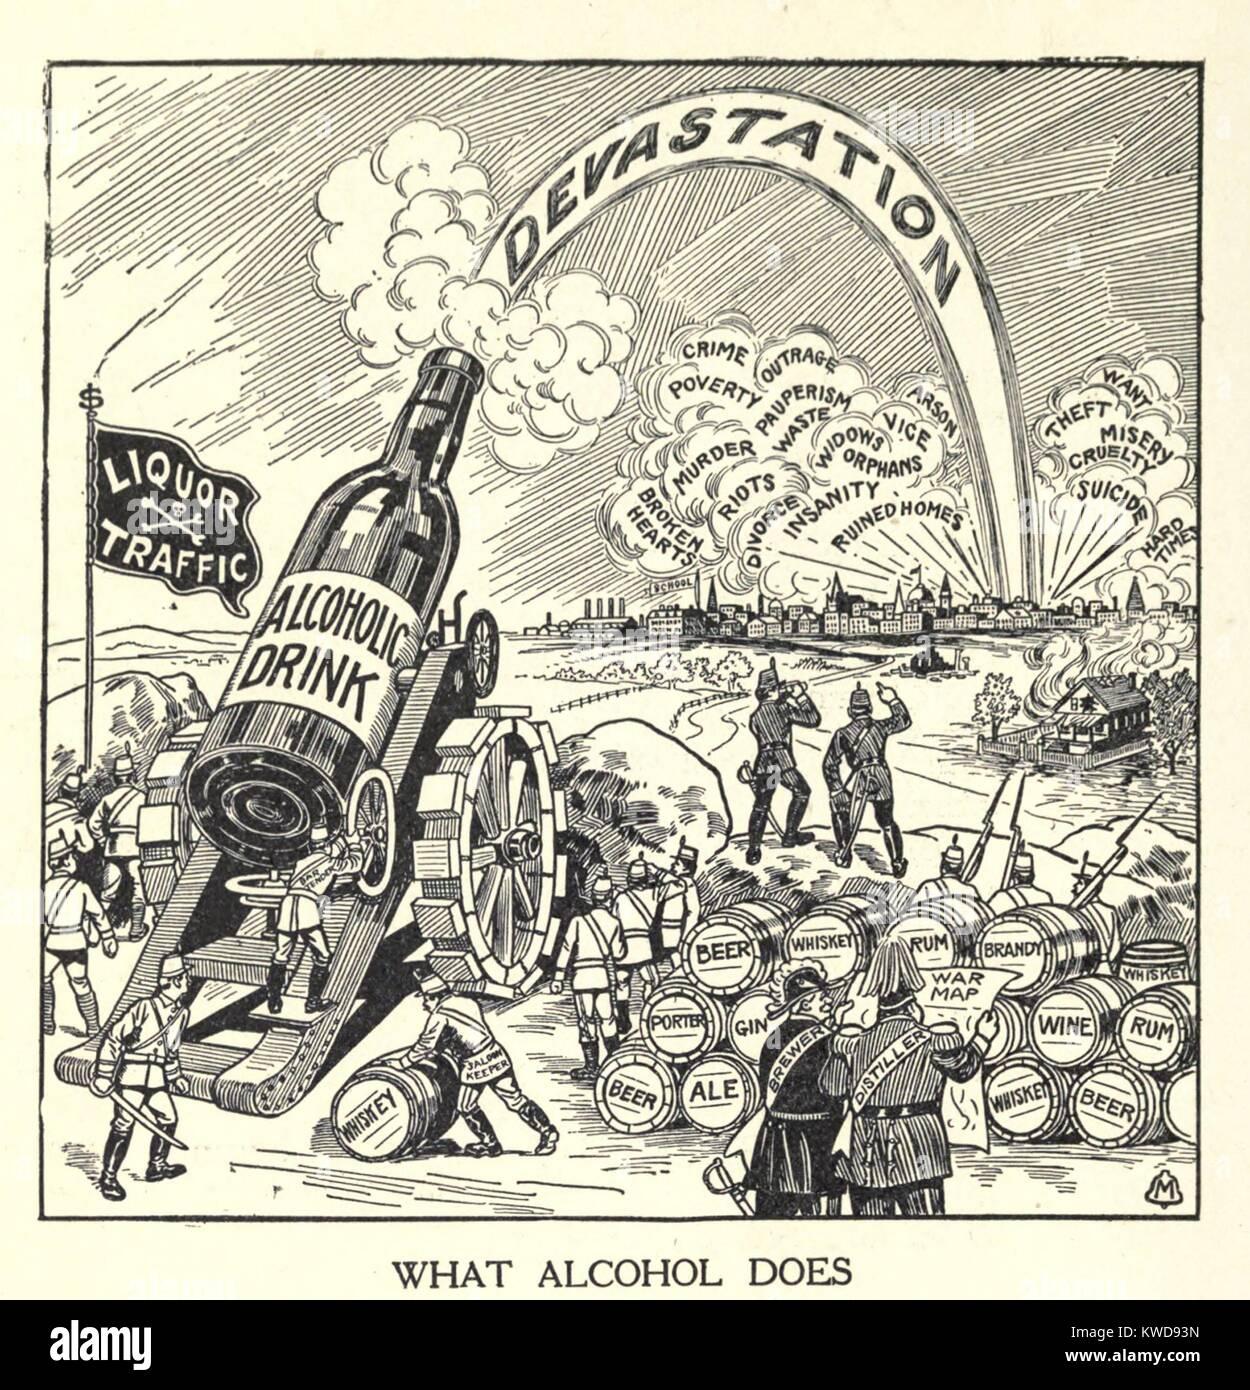 Was der Alkohol tut. Cartoon von Flasche auf einer Kanone caisson starten Verwüstung auf eine Gemeinschaft. Stockbild